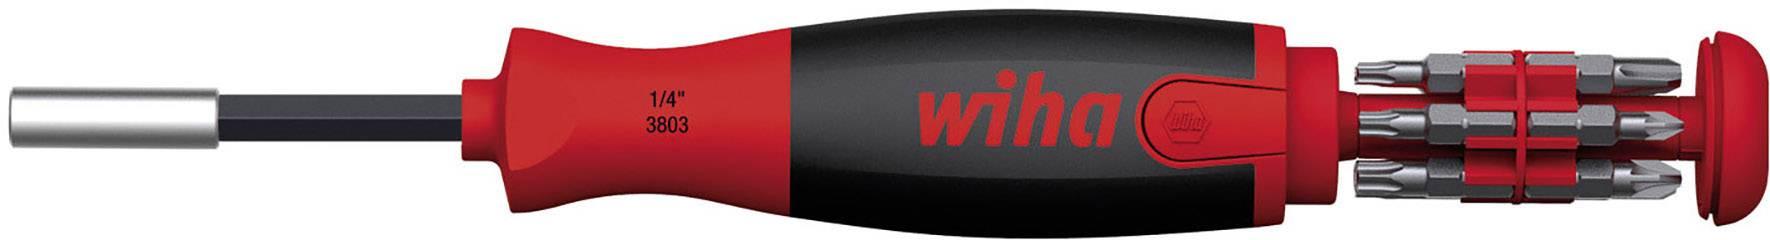 """Magnetický bitový skrutkovač Wiha 38601, vrátane 12 bitov, 1/4"""" (6,3 mm)"""